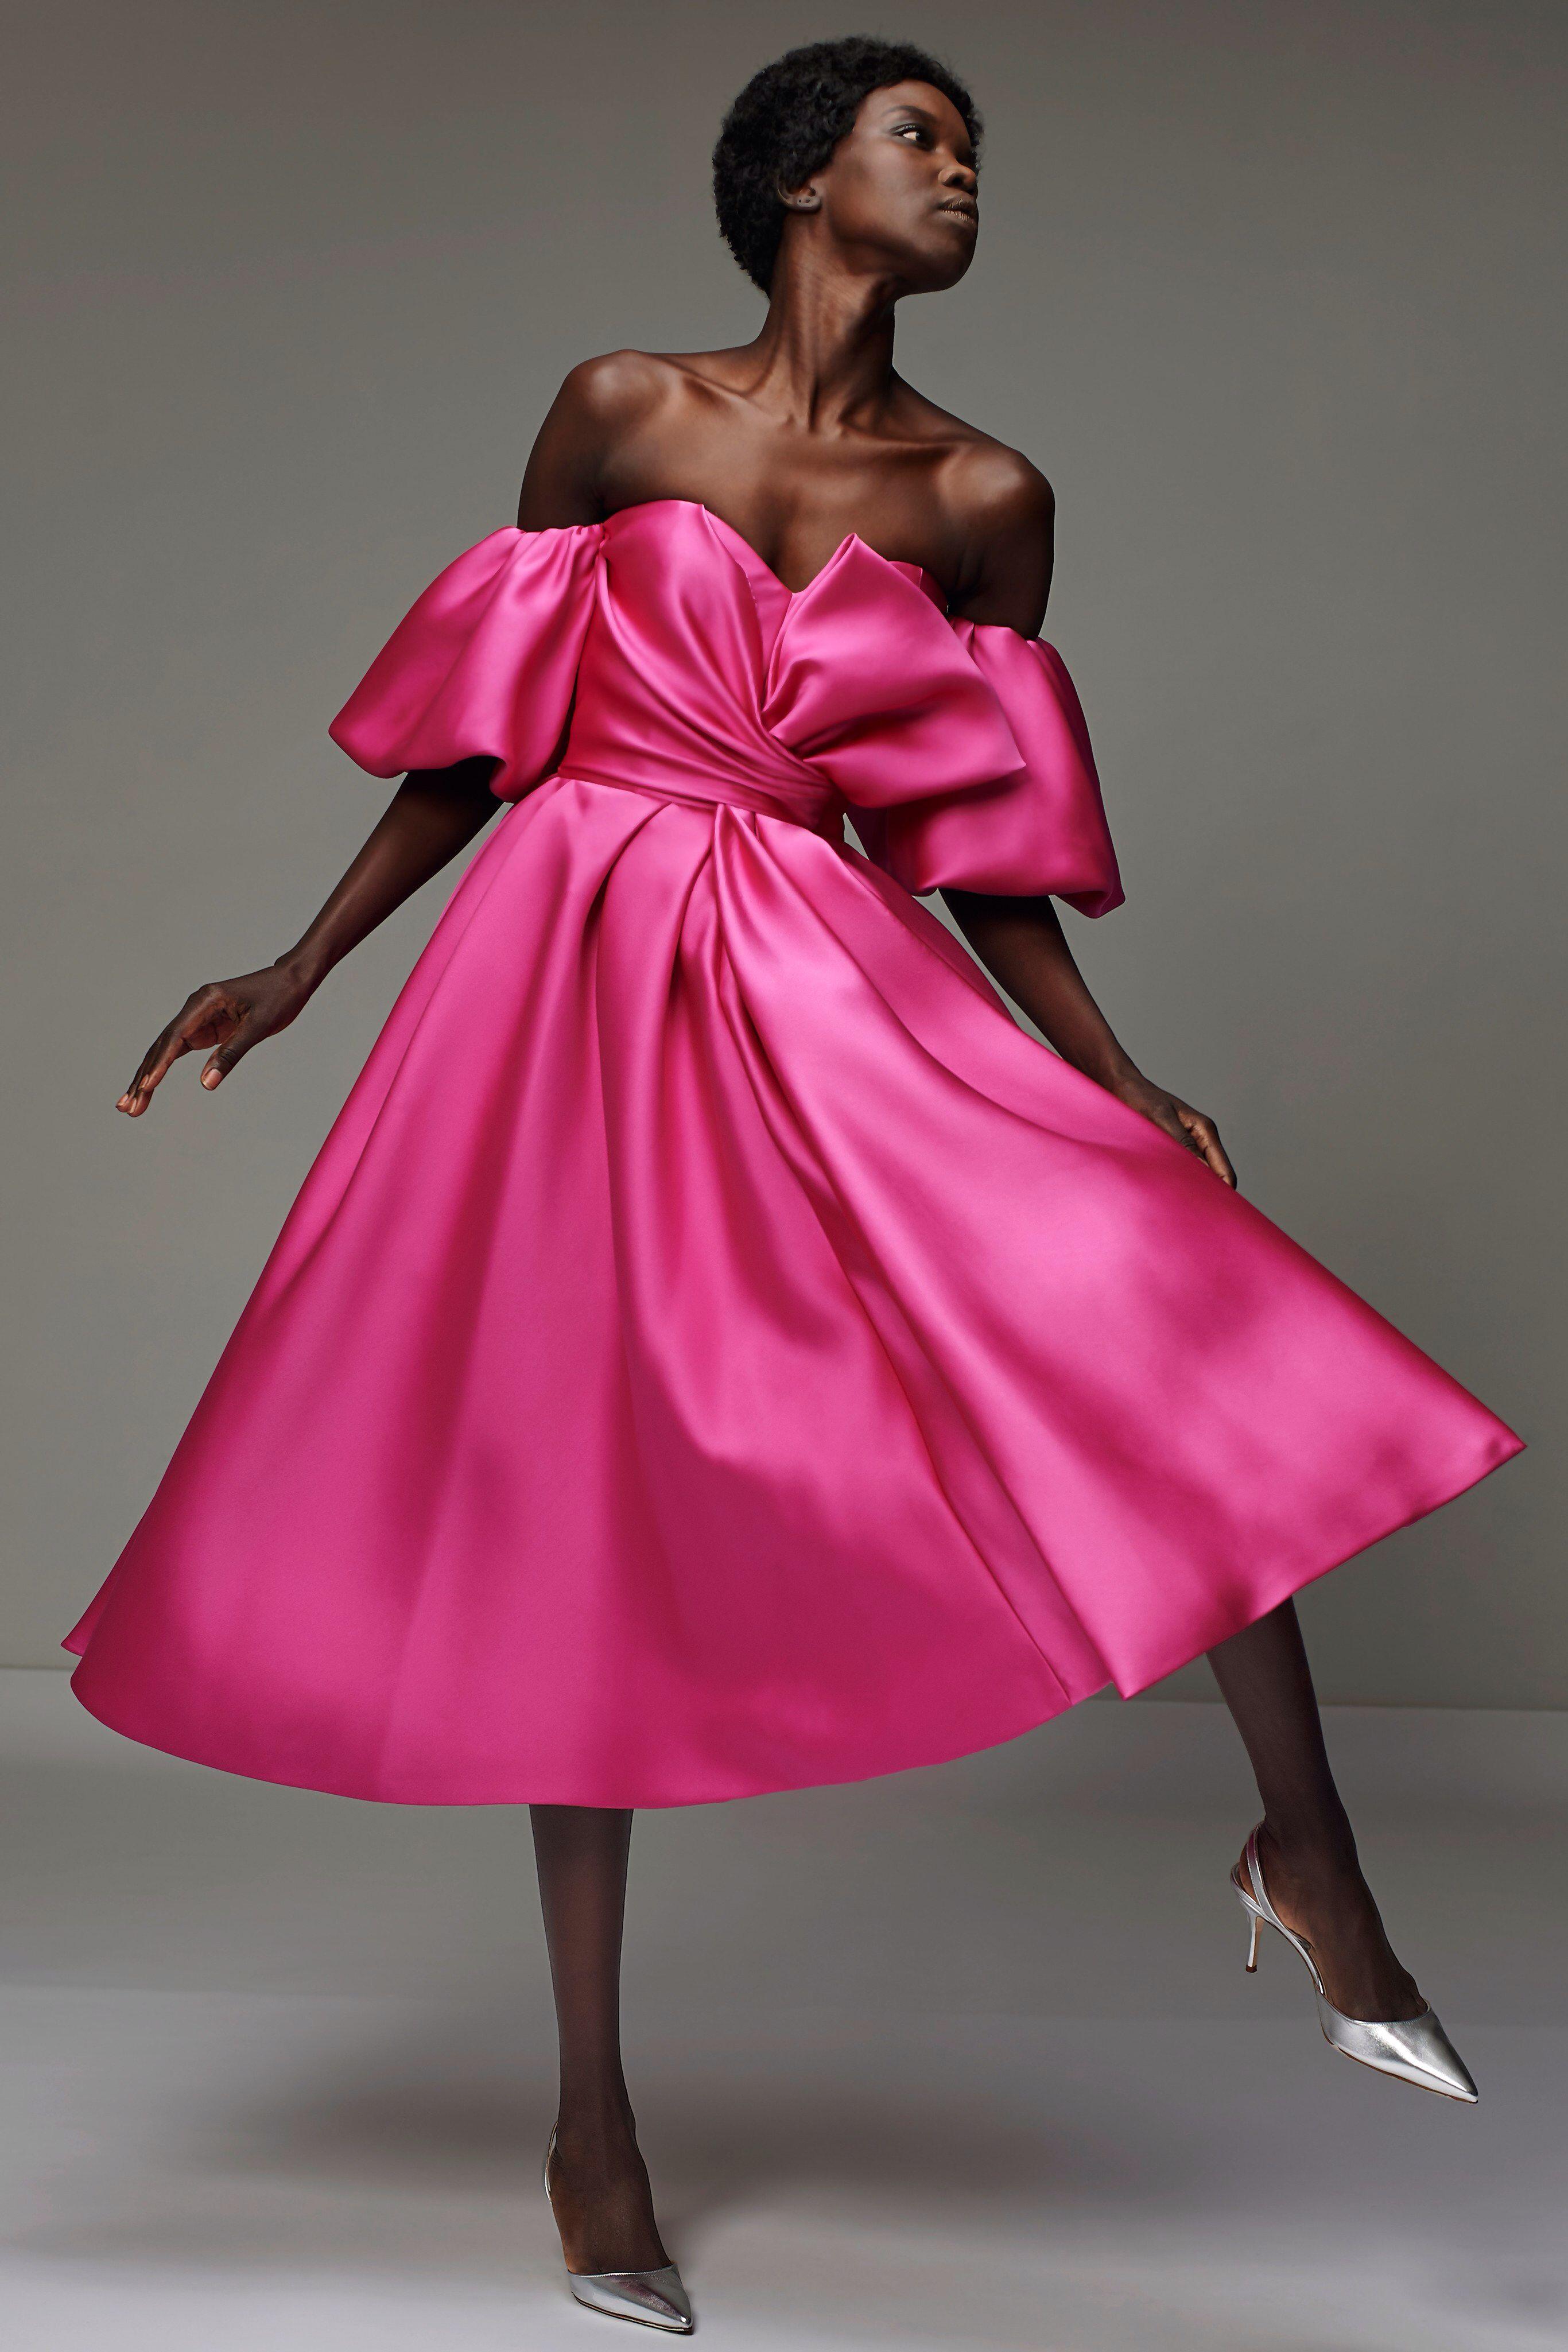 J. Mendel Pre-Fall 2020 Fashion Show